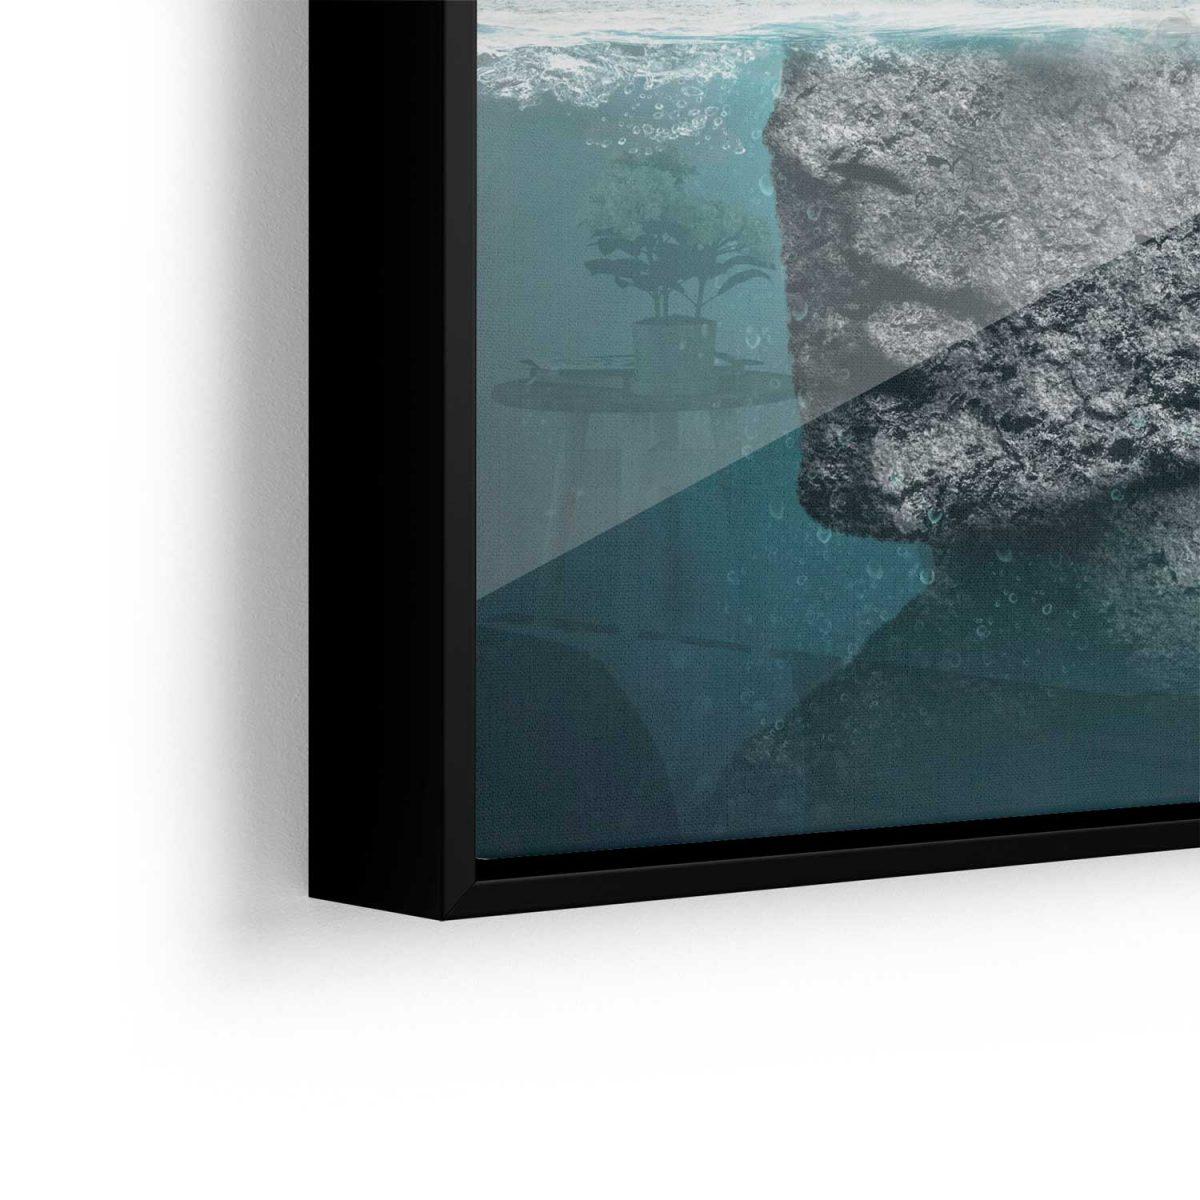 Quadro Brainstorming A Tempestade de Ideias aproximado vidro